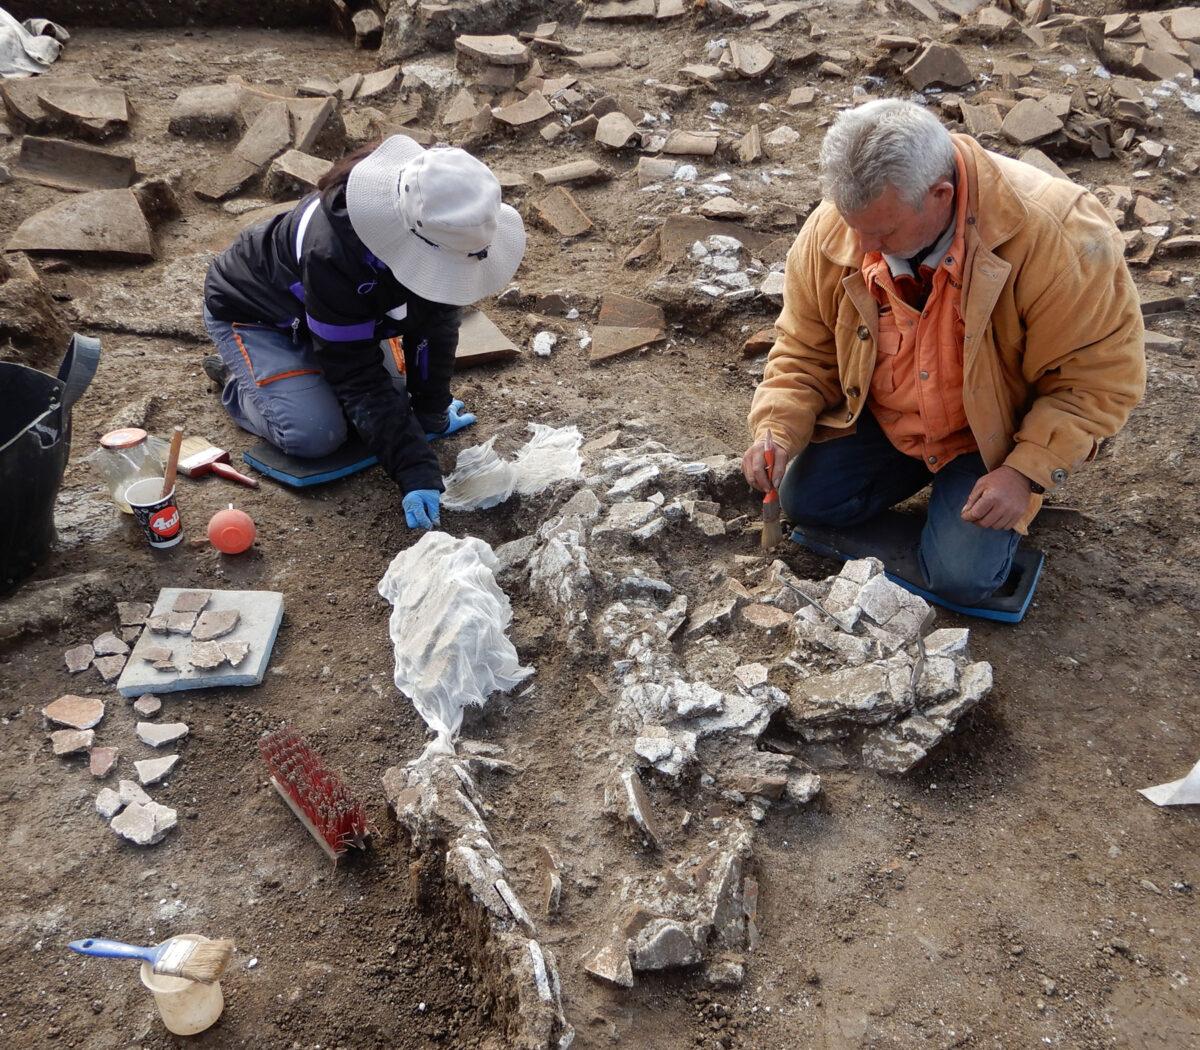 Καθαρισμός, πρώτες βοήθειες και περισυλλογή των πεσμένων κονιαμάτων. Φωτ.: Εφορεία Αρχαιοτήτων Ημαθίας.